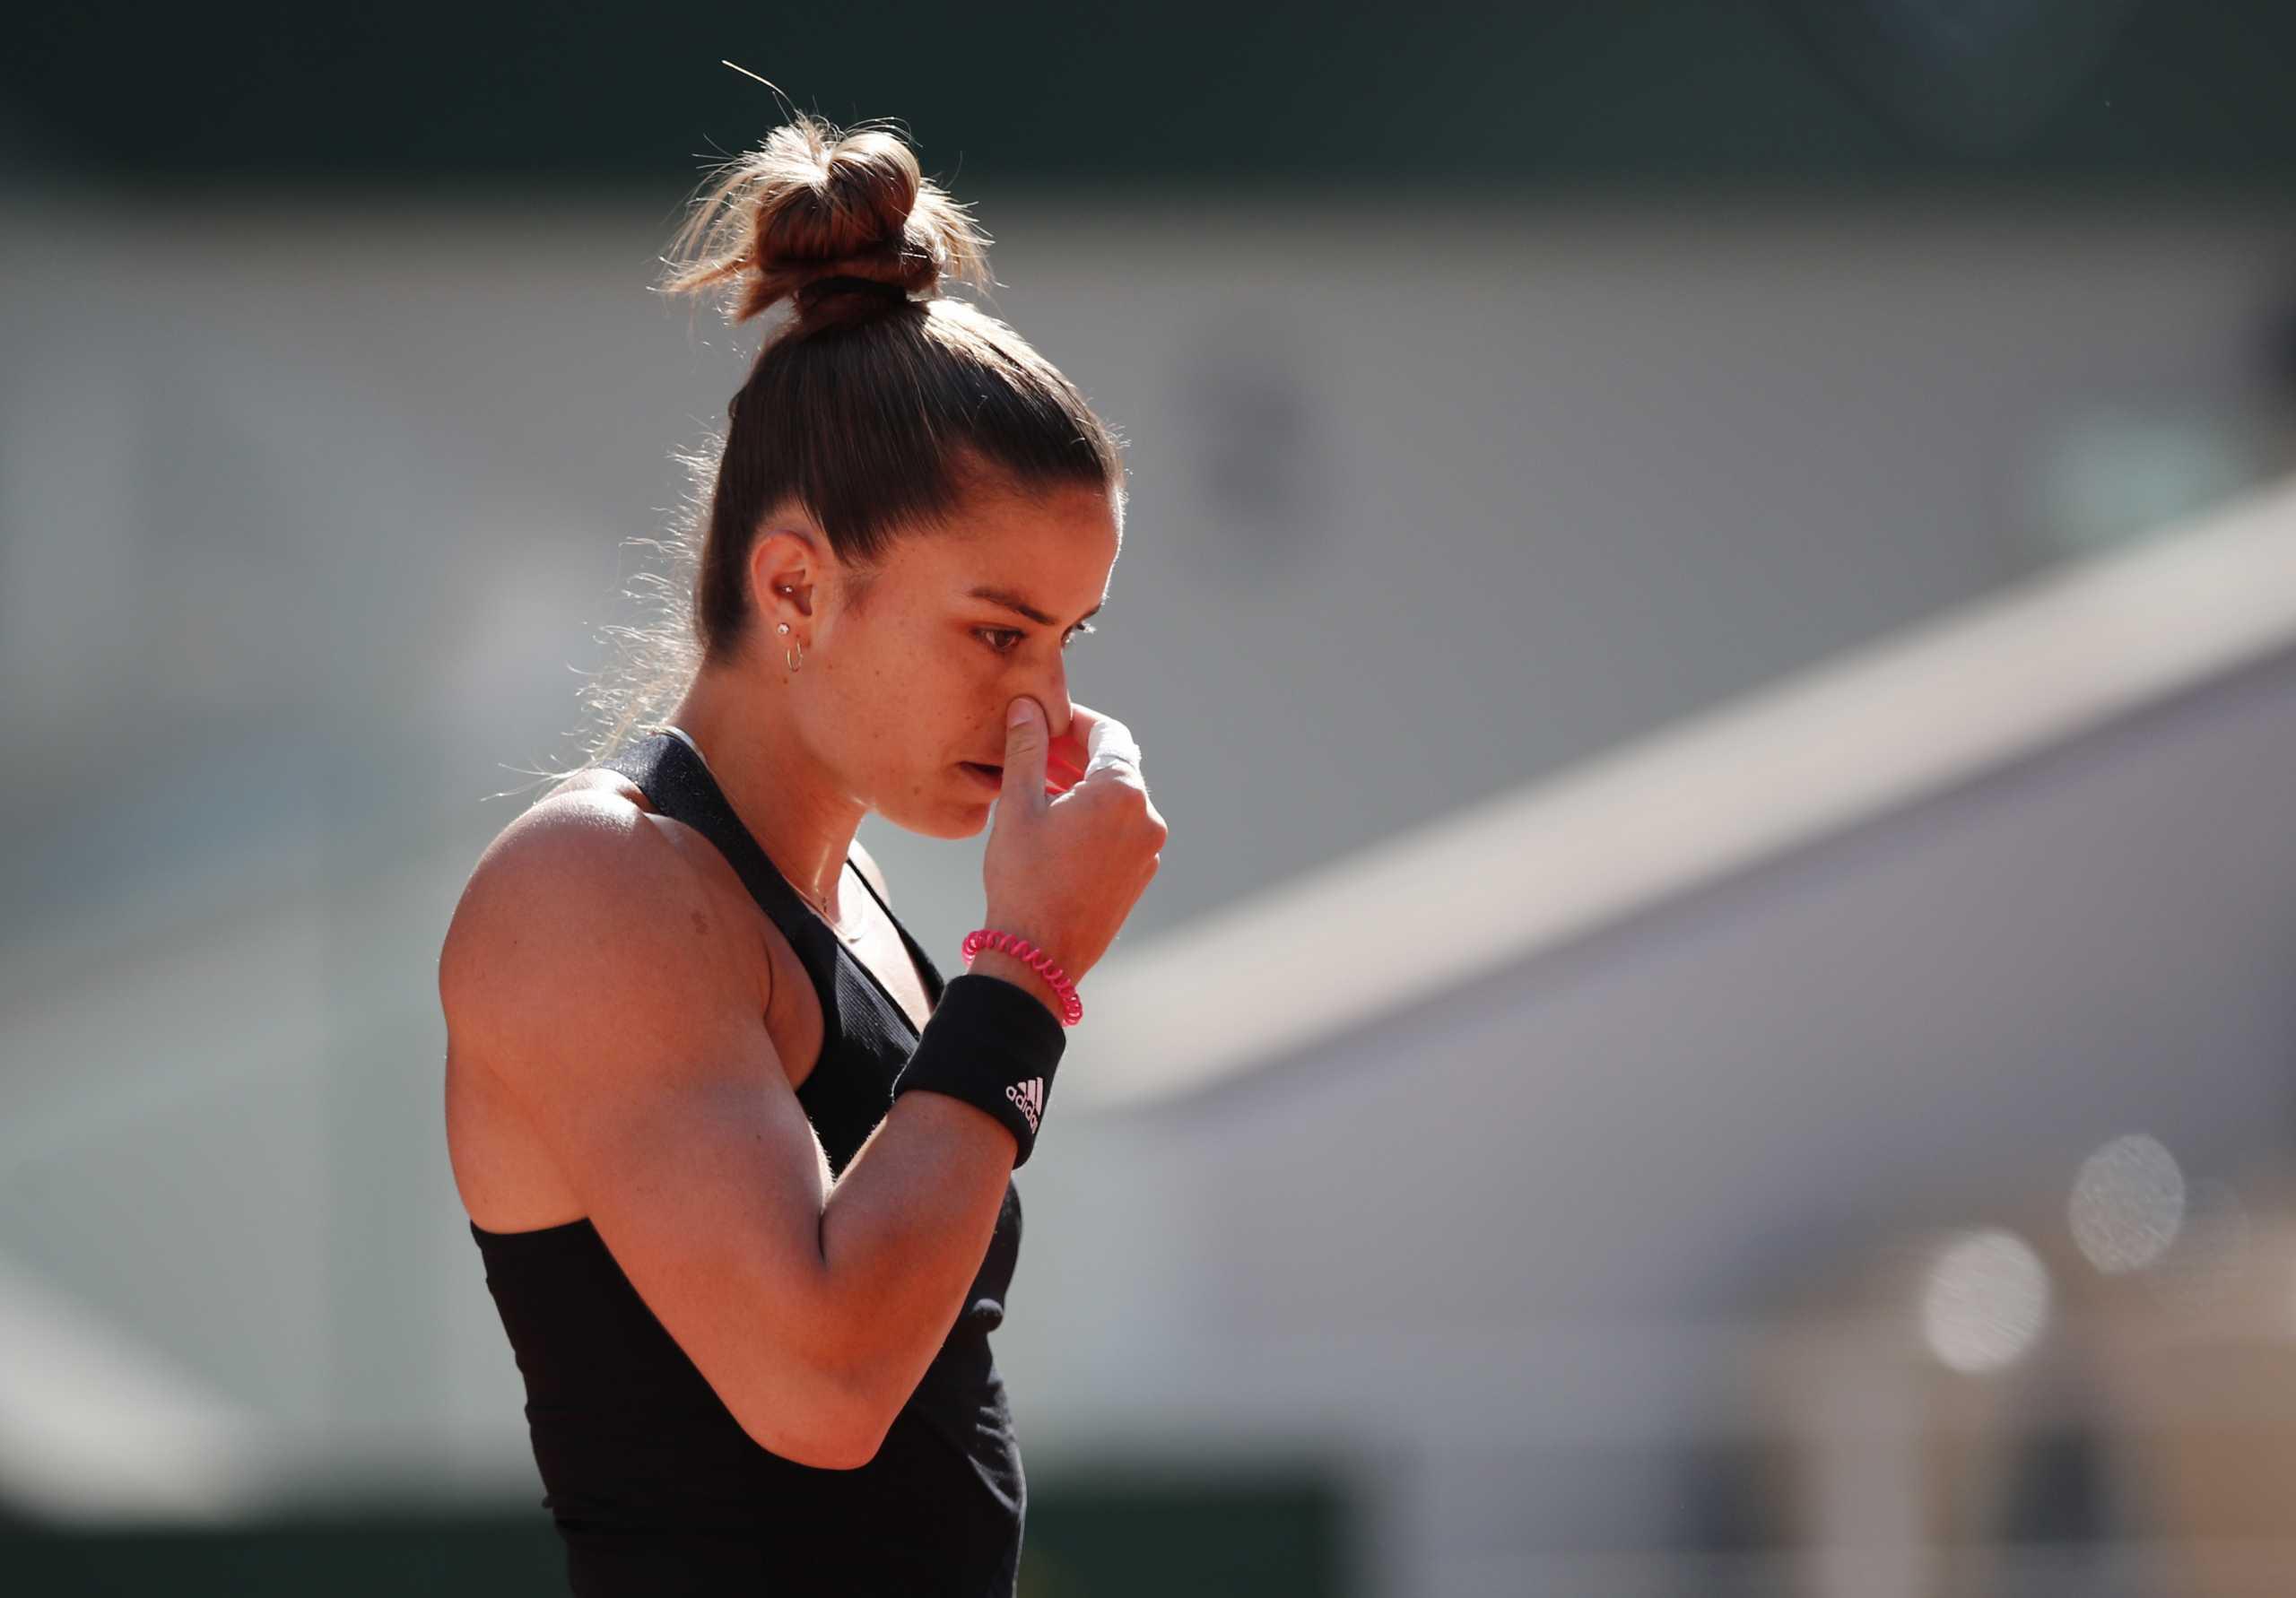 Μαρία Σάκκαρη: Ήττα με 2-1 στο ματς της χρονιάς στο Roland Garros